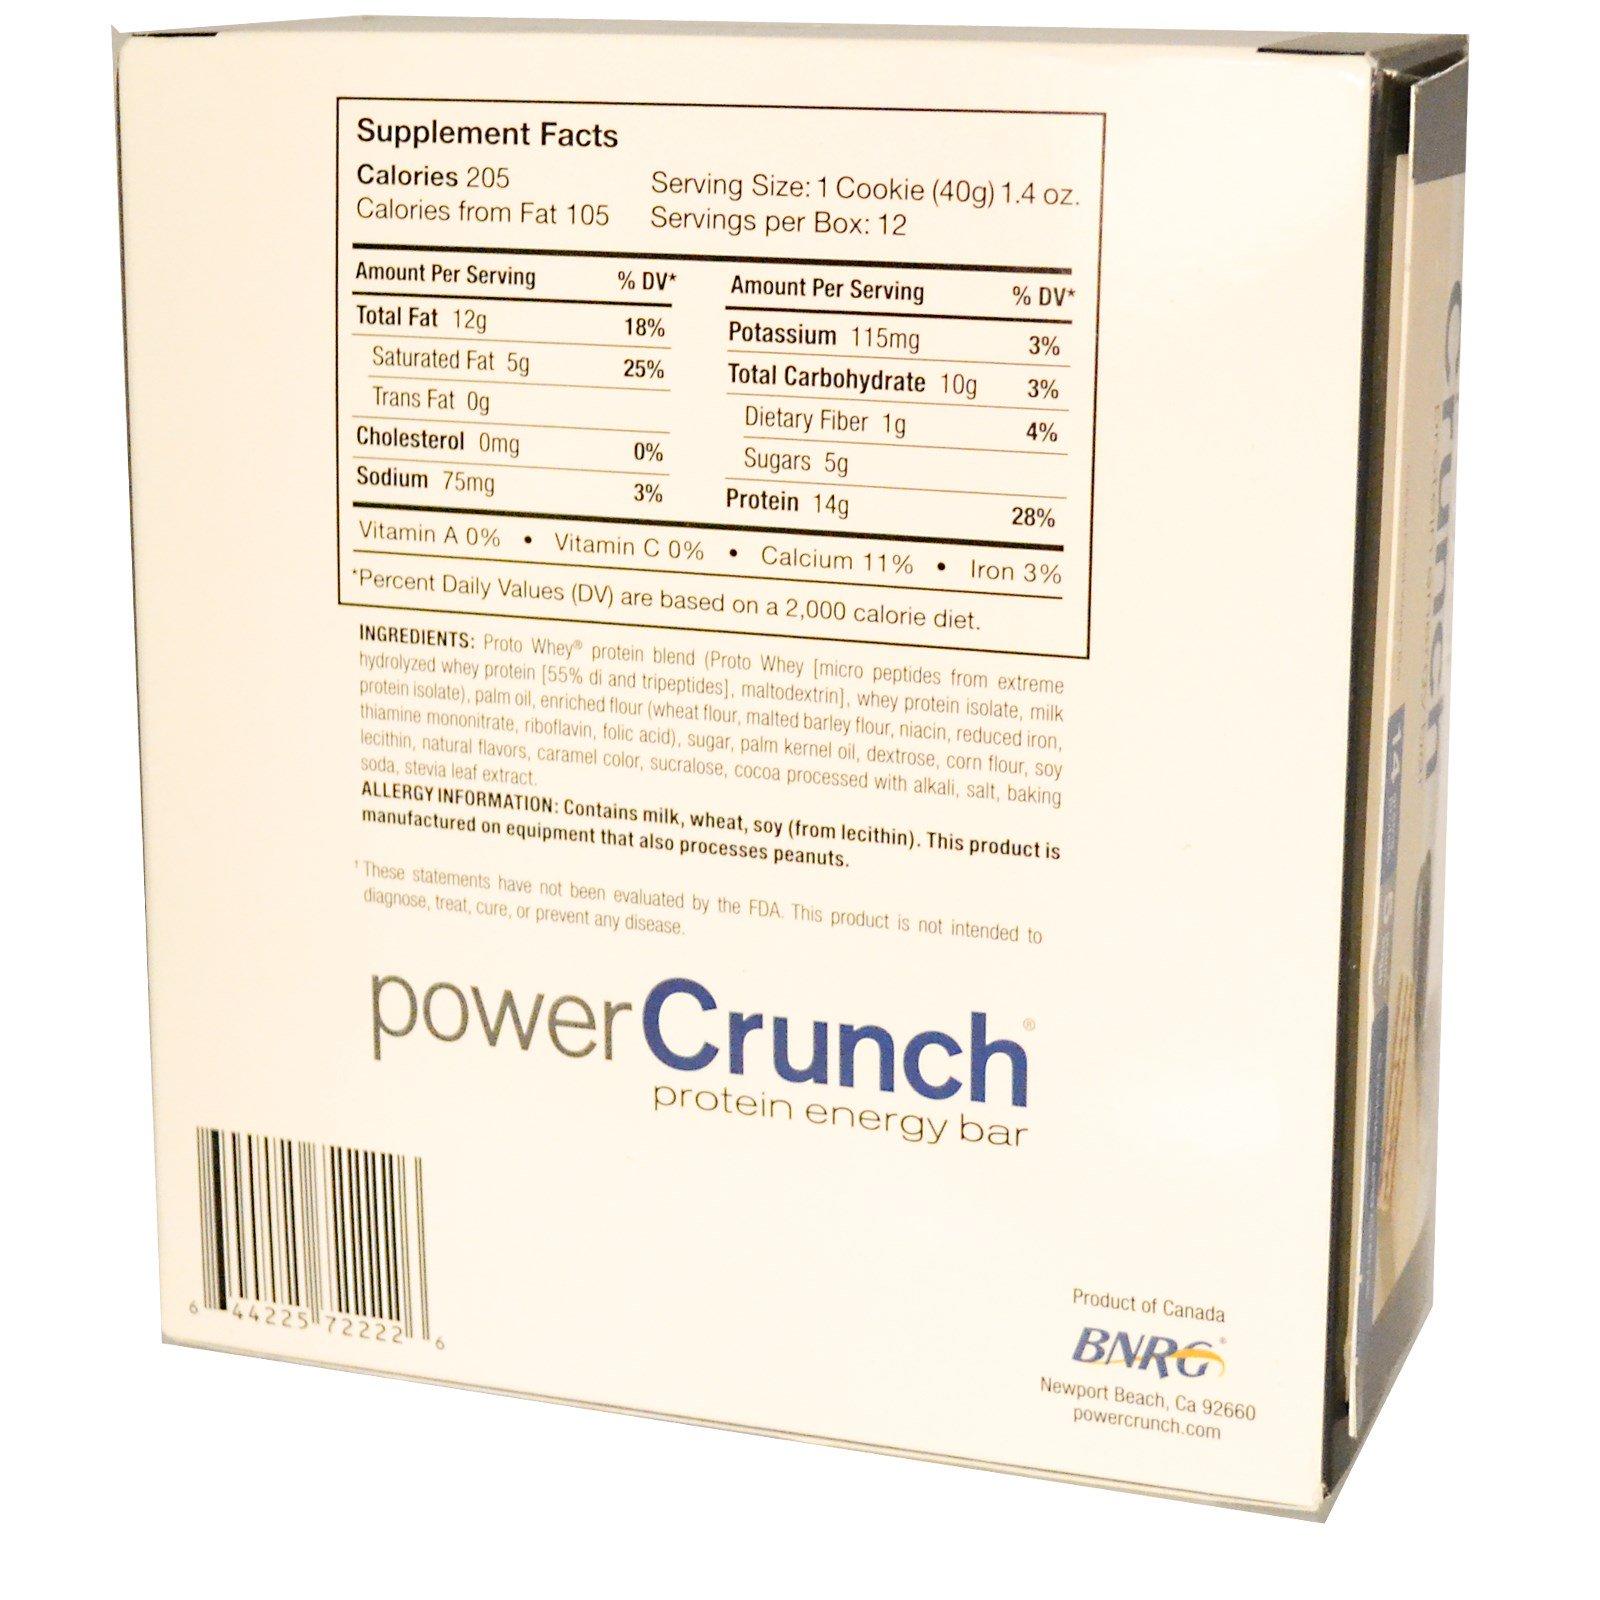 BNRG, Power Crunch, протеиновый энергетический батончик со вкусом сливочного печенья, 12 шт. по 40 г